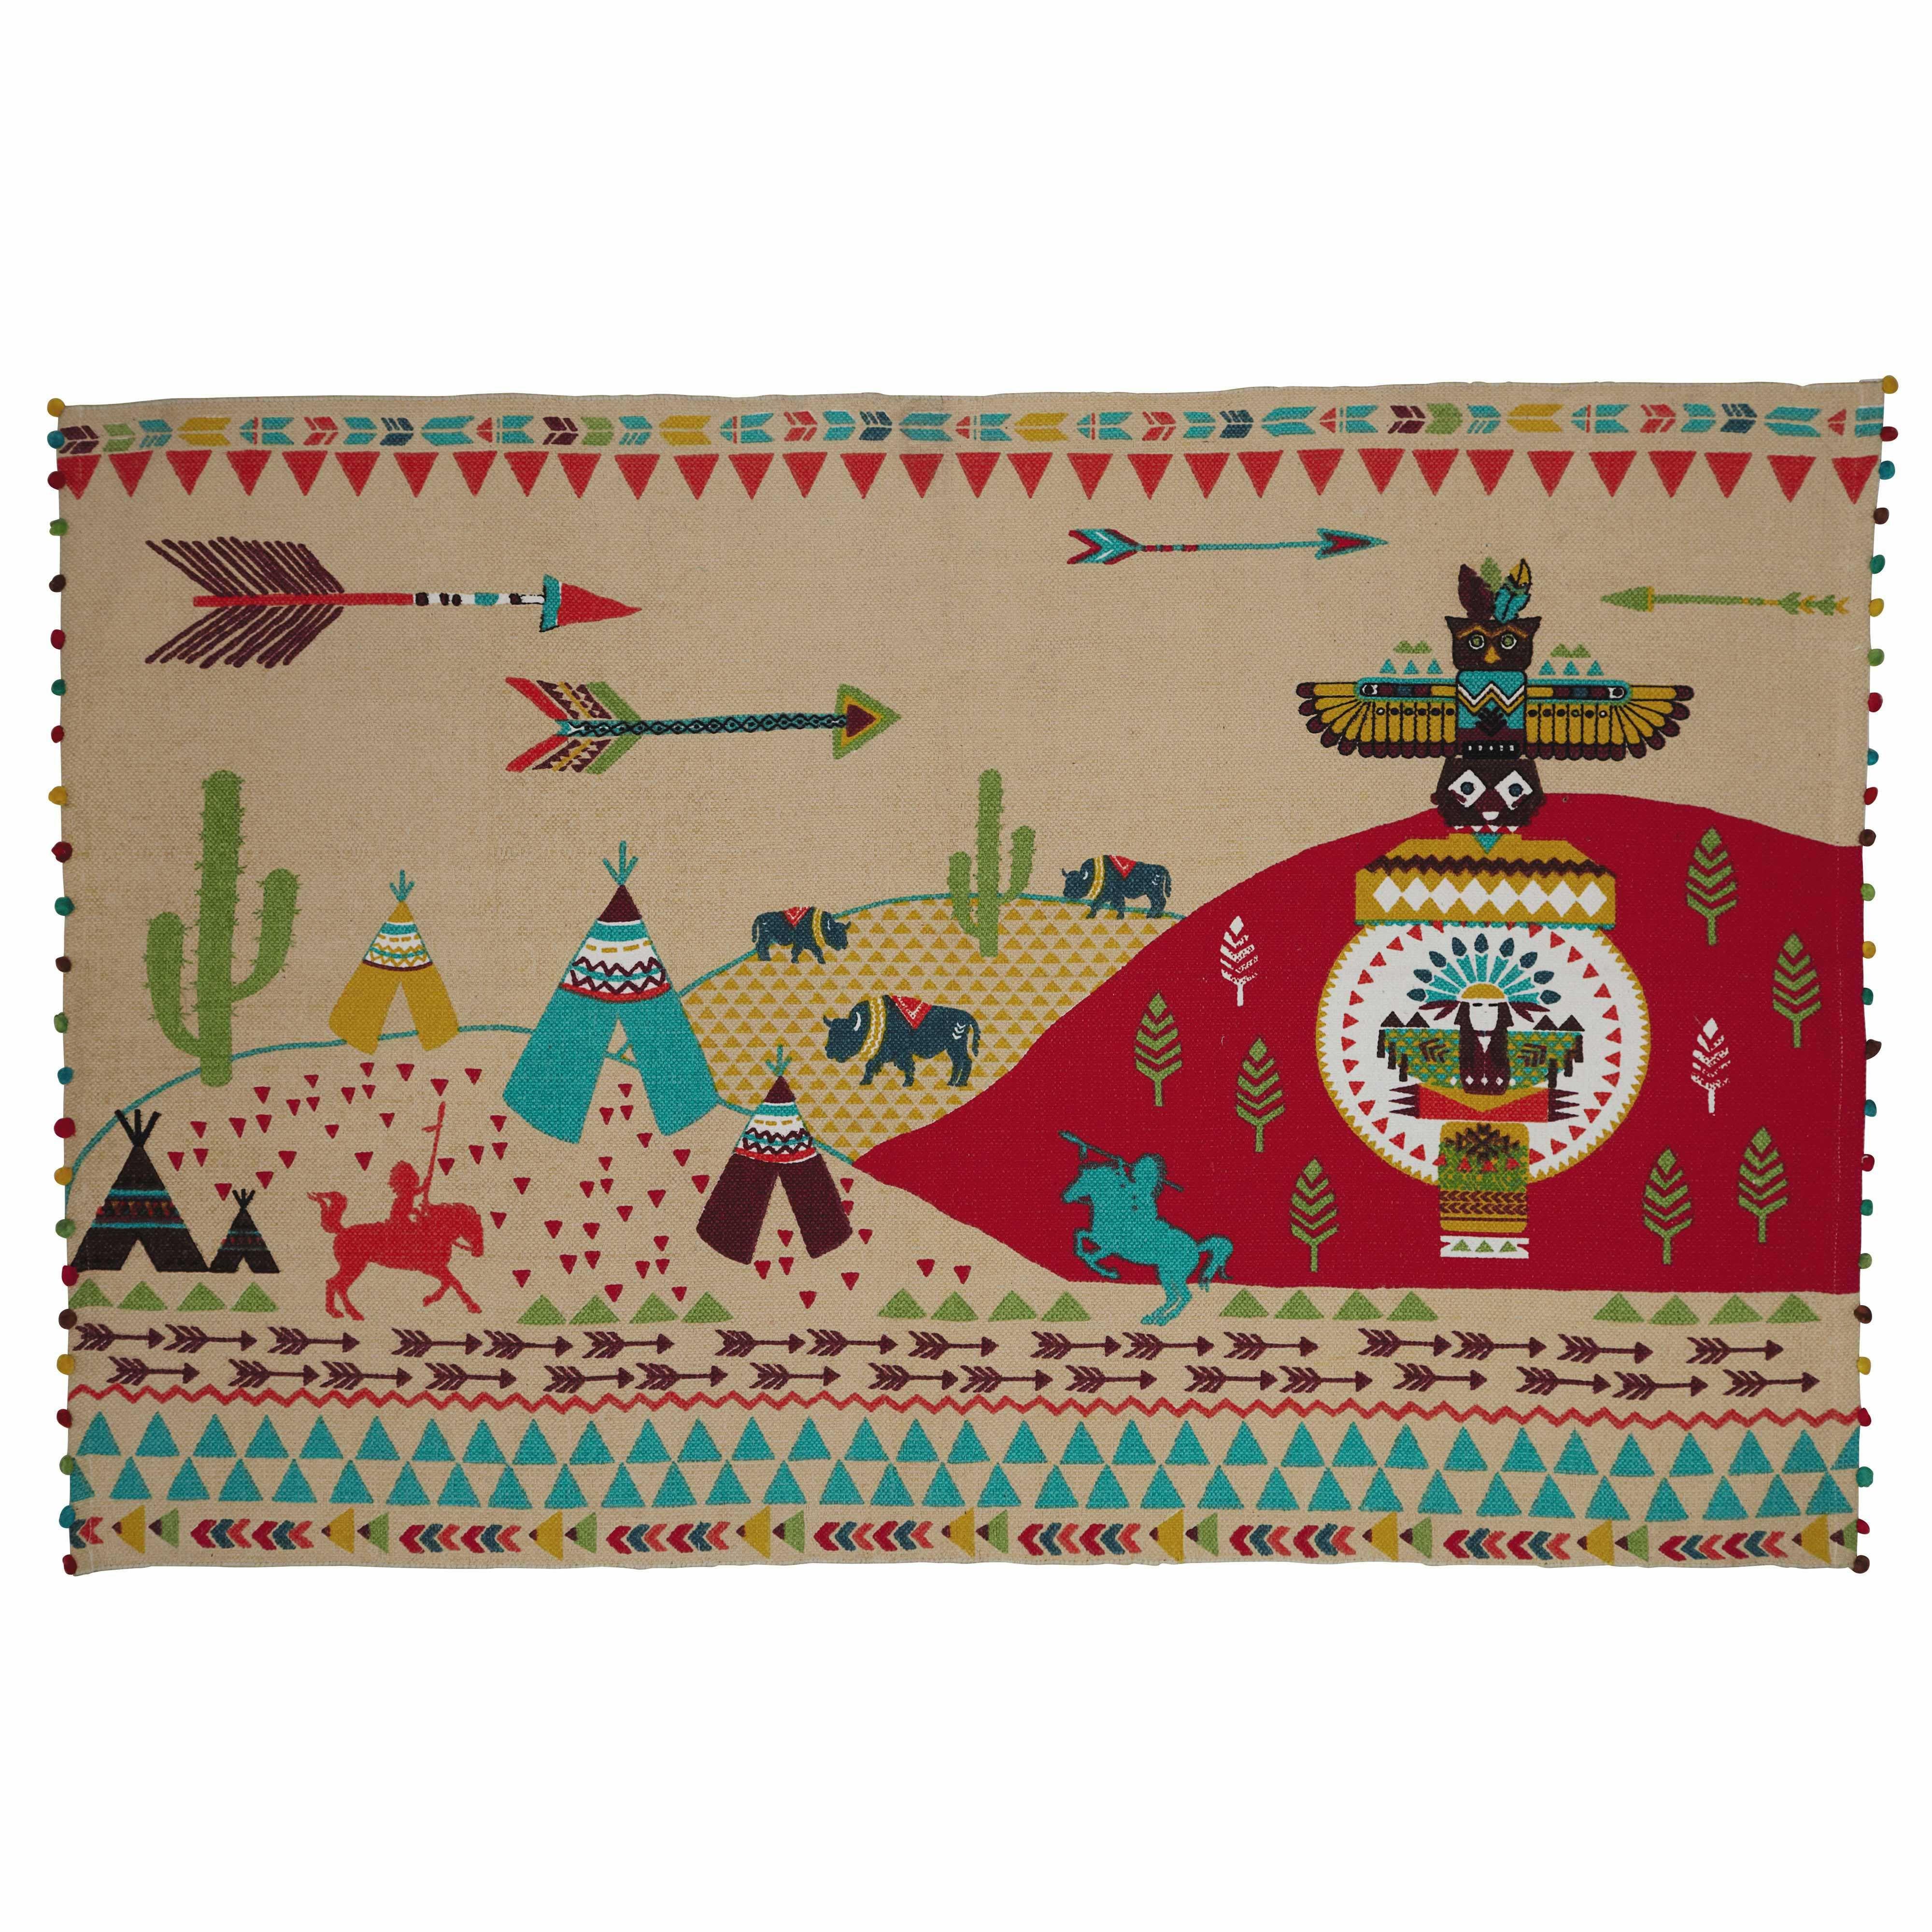 tapis enfant en coton multicolore 120 x 180 cm farwest native indian pinterest. Black Bedroom Furniture Sets. Home Design Ideas